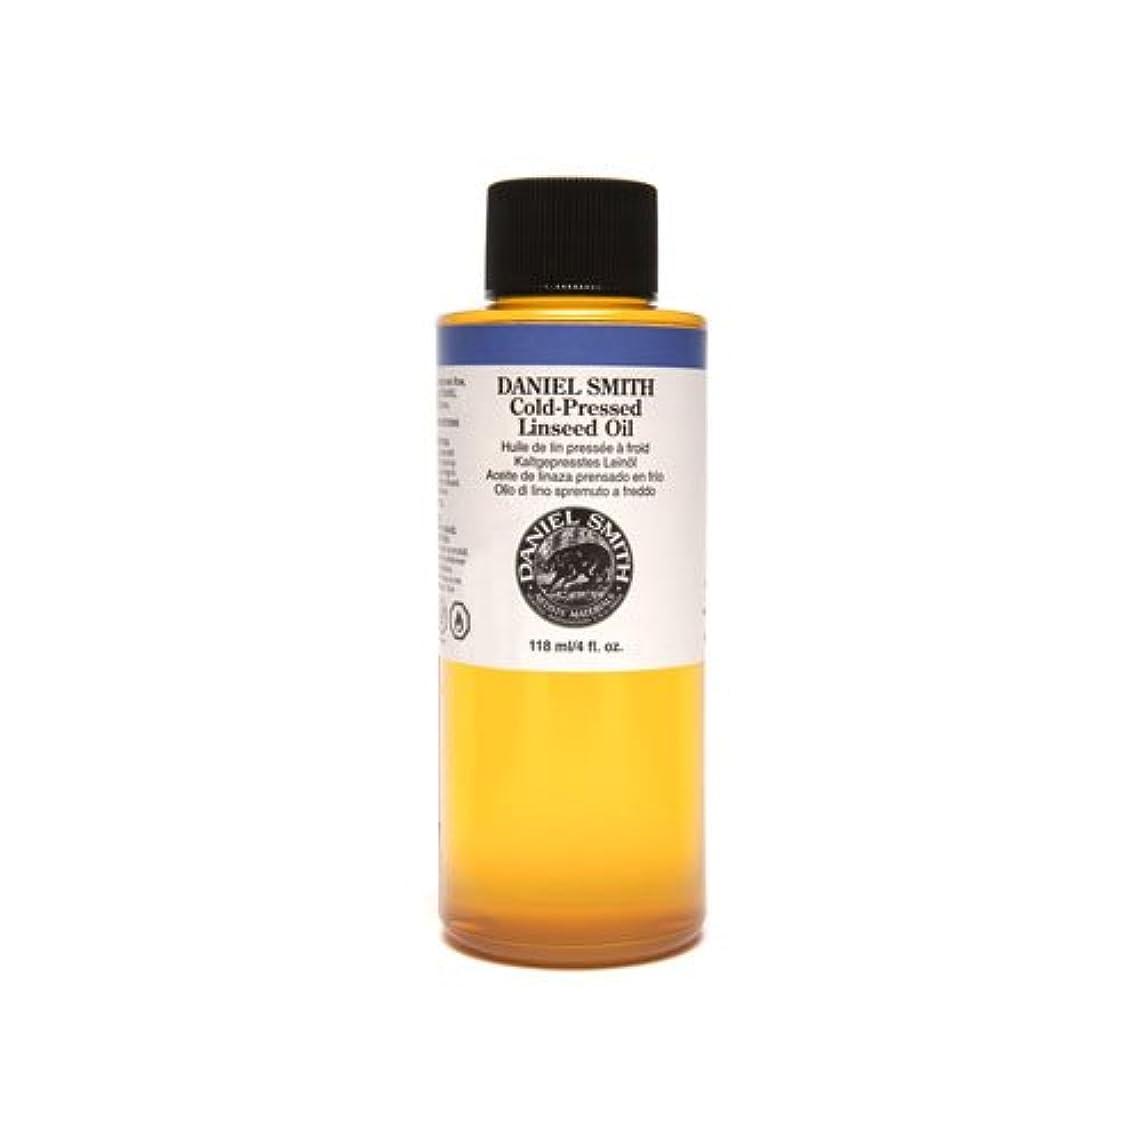 動物薄暗い所属Daniel Smith 284470009 Original Oil, Cold-Pressed Linseed Oil, 120ml